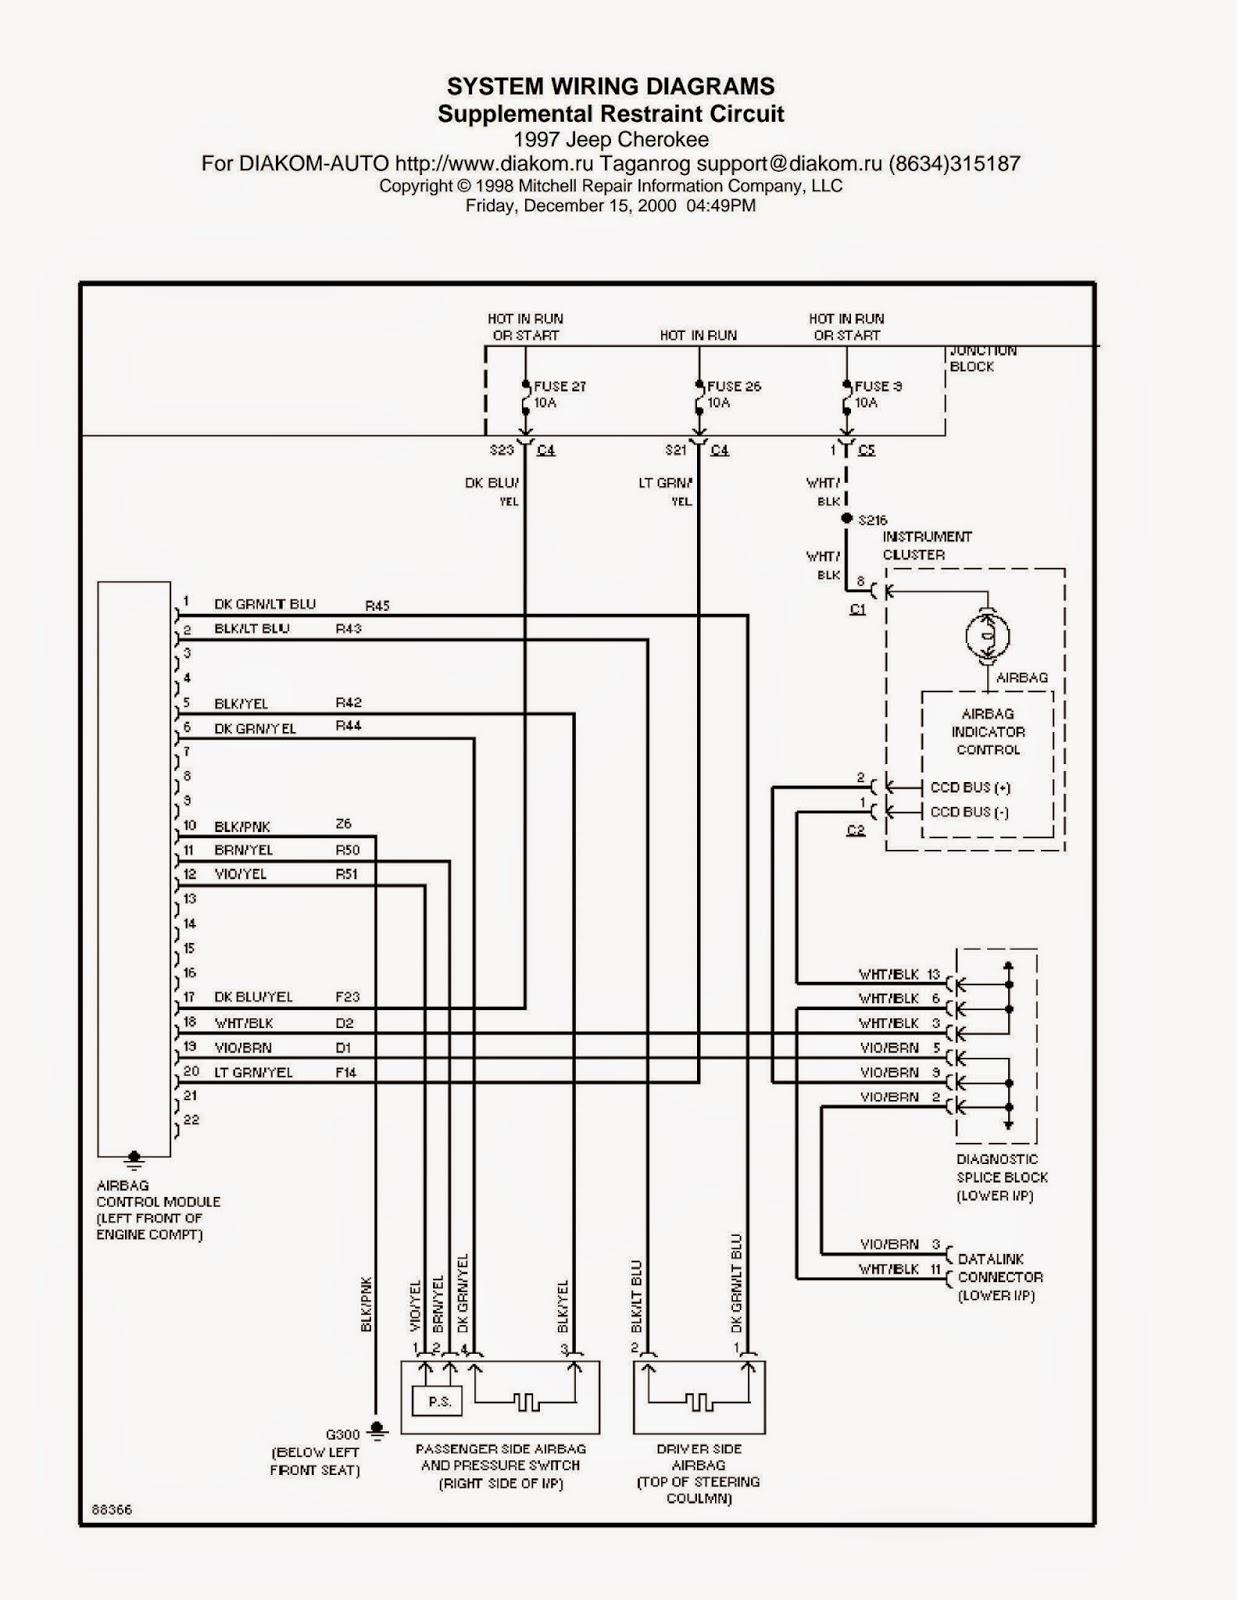 1988 Jeep Cherokee Wiring Diagram  Ru